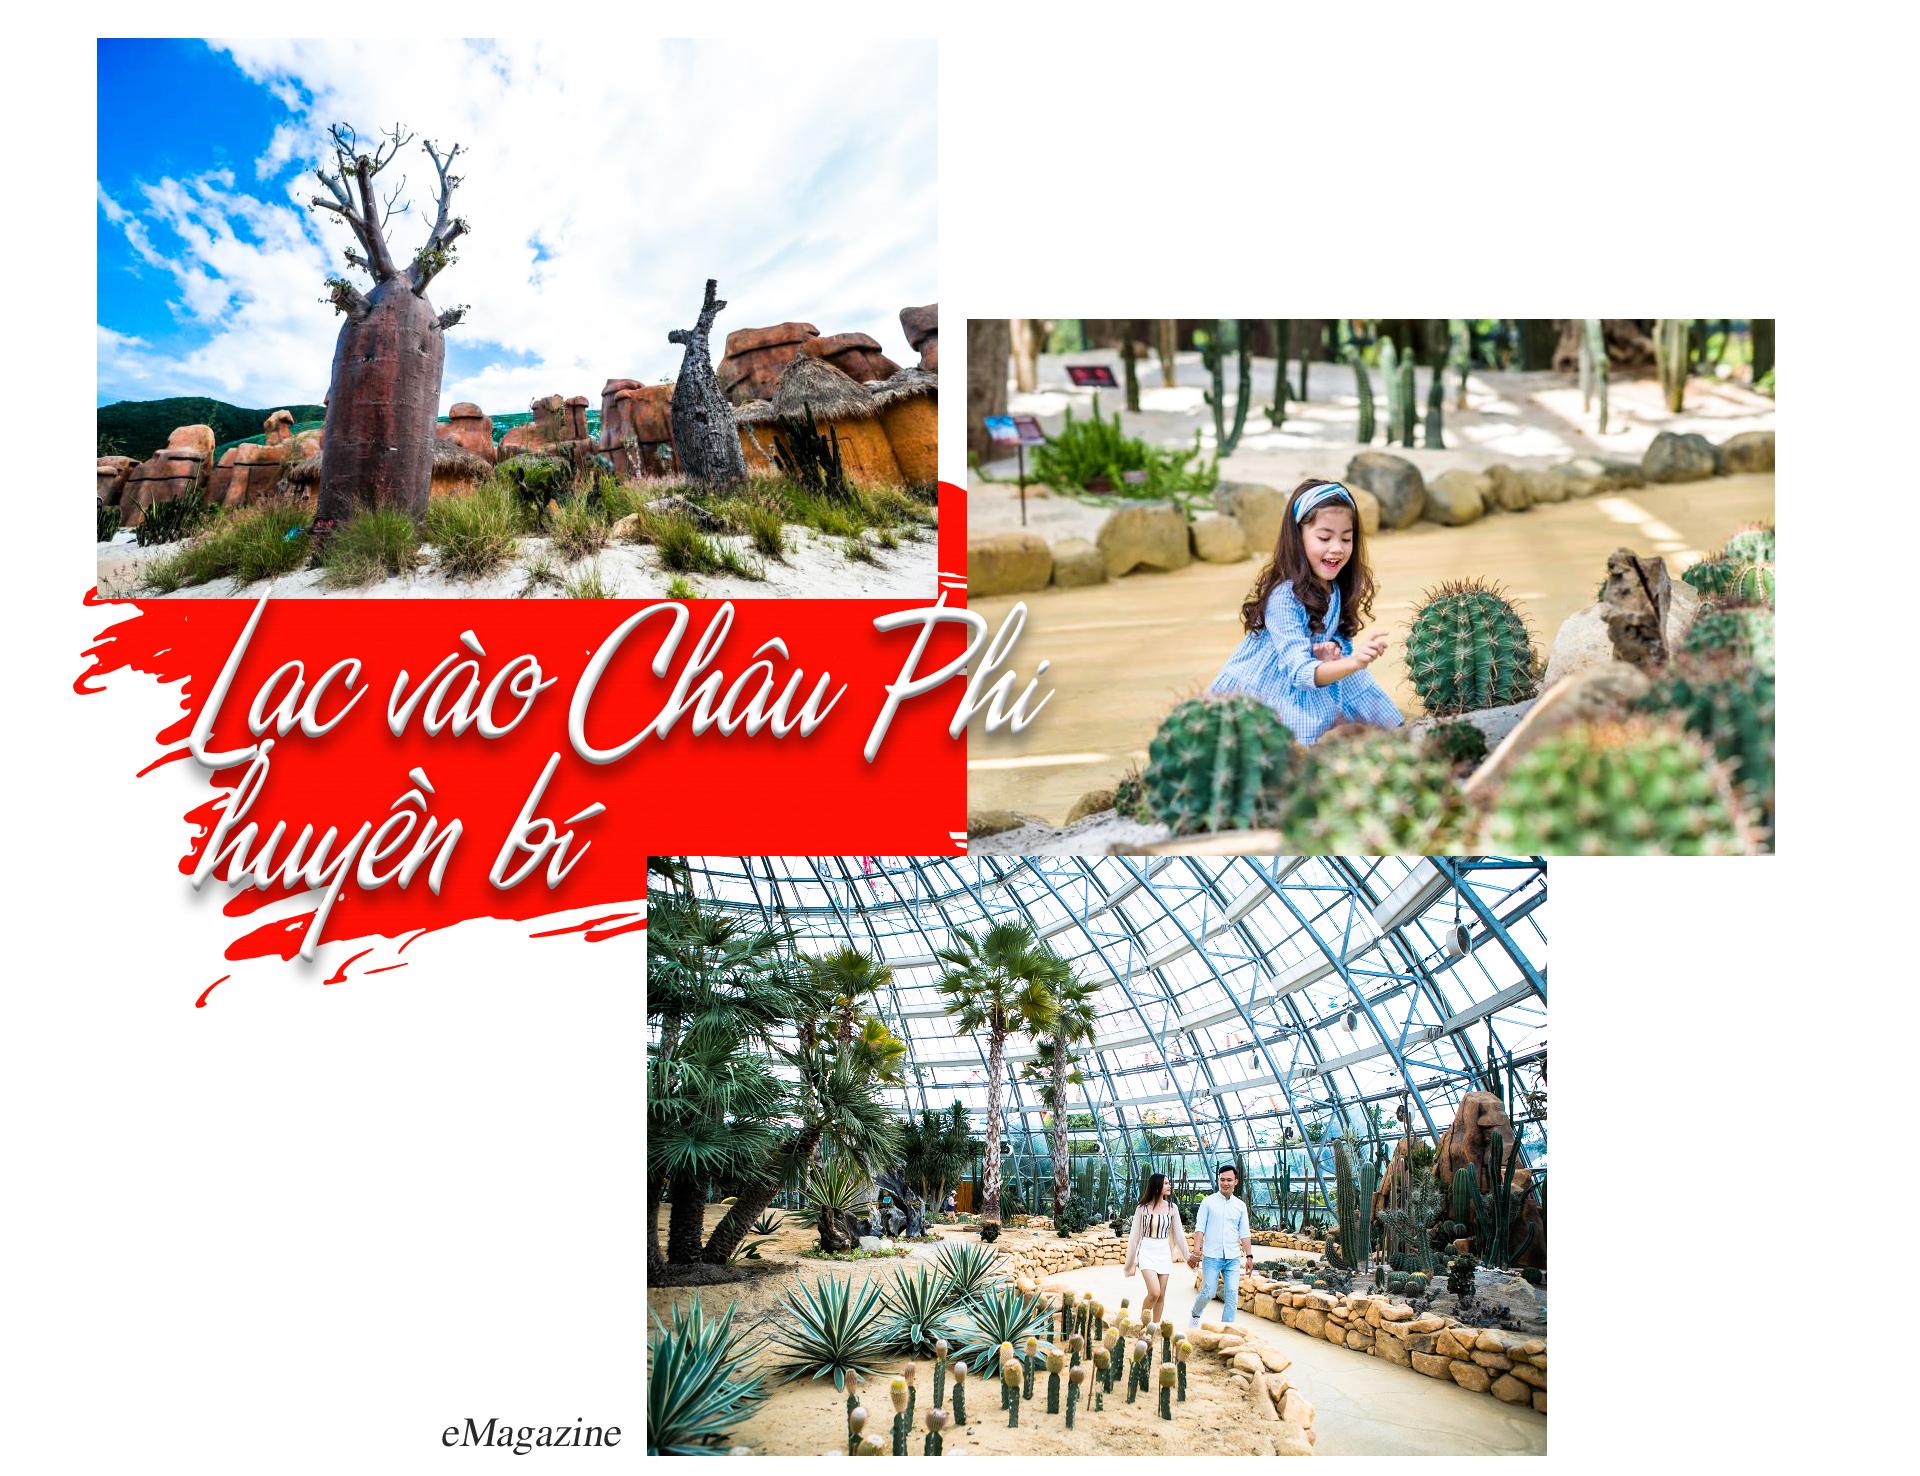 """Khám phá khu vườn """"kỳ hoa dị thảo"""" trên đảo kỷ lục tại Nha Trang - 7"""